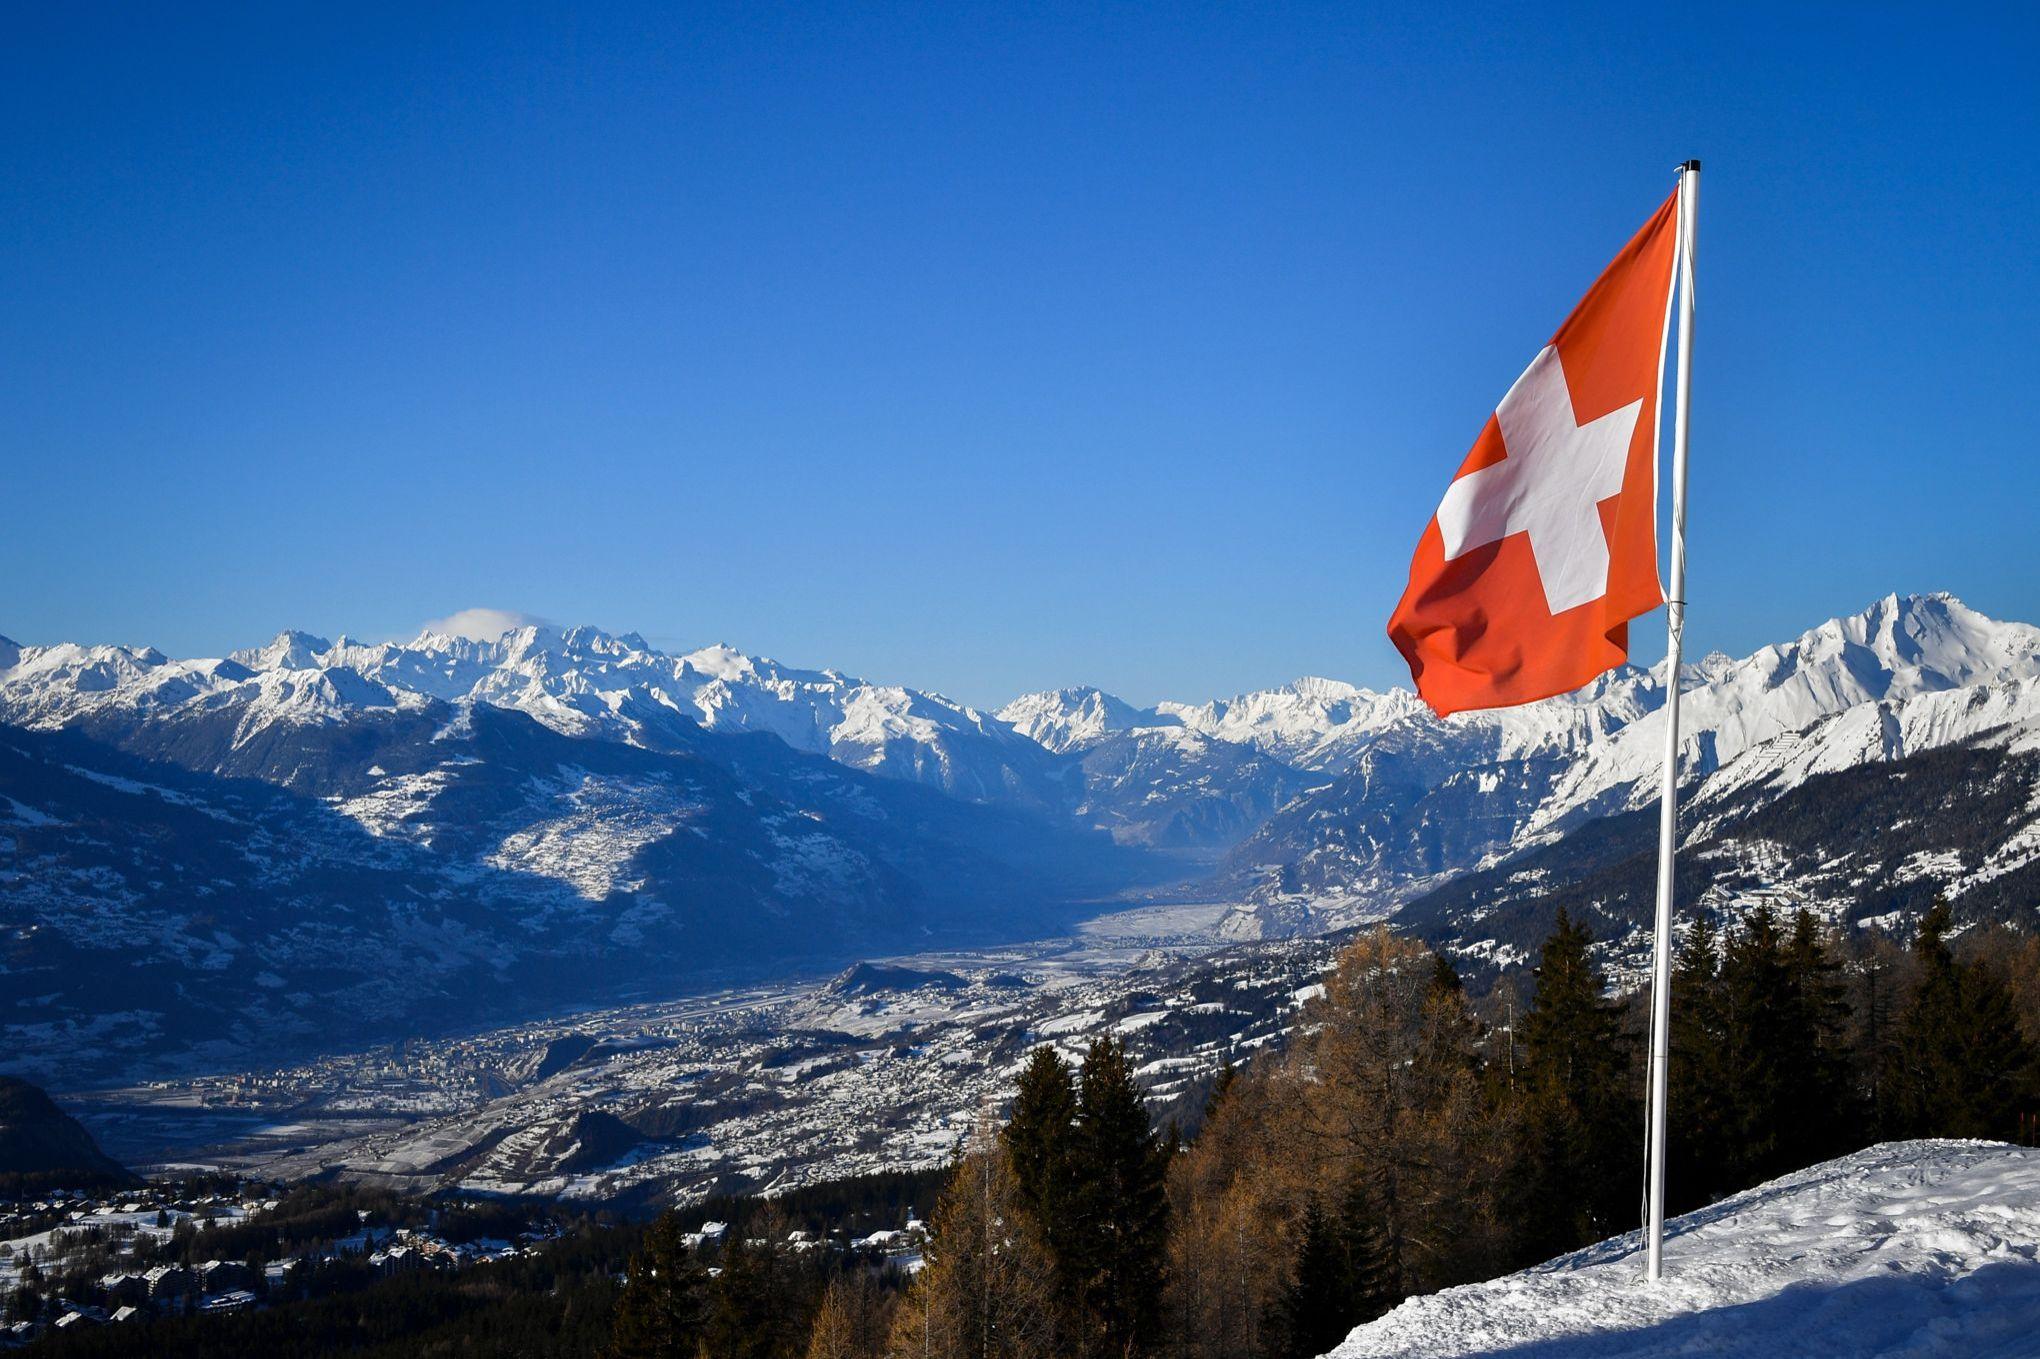 Suisse Ce Qui Se Cache Derriere La Situation De Plein Emploi